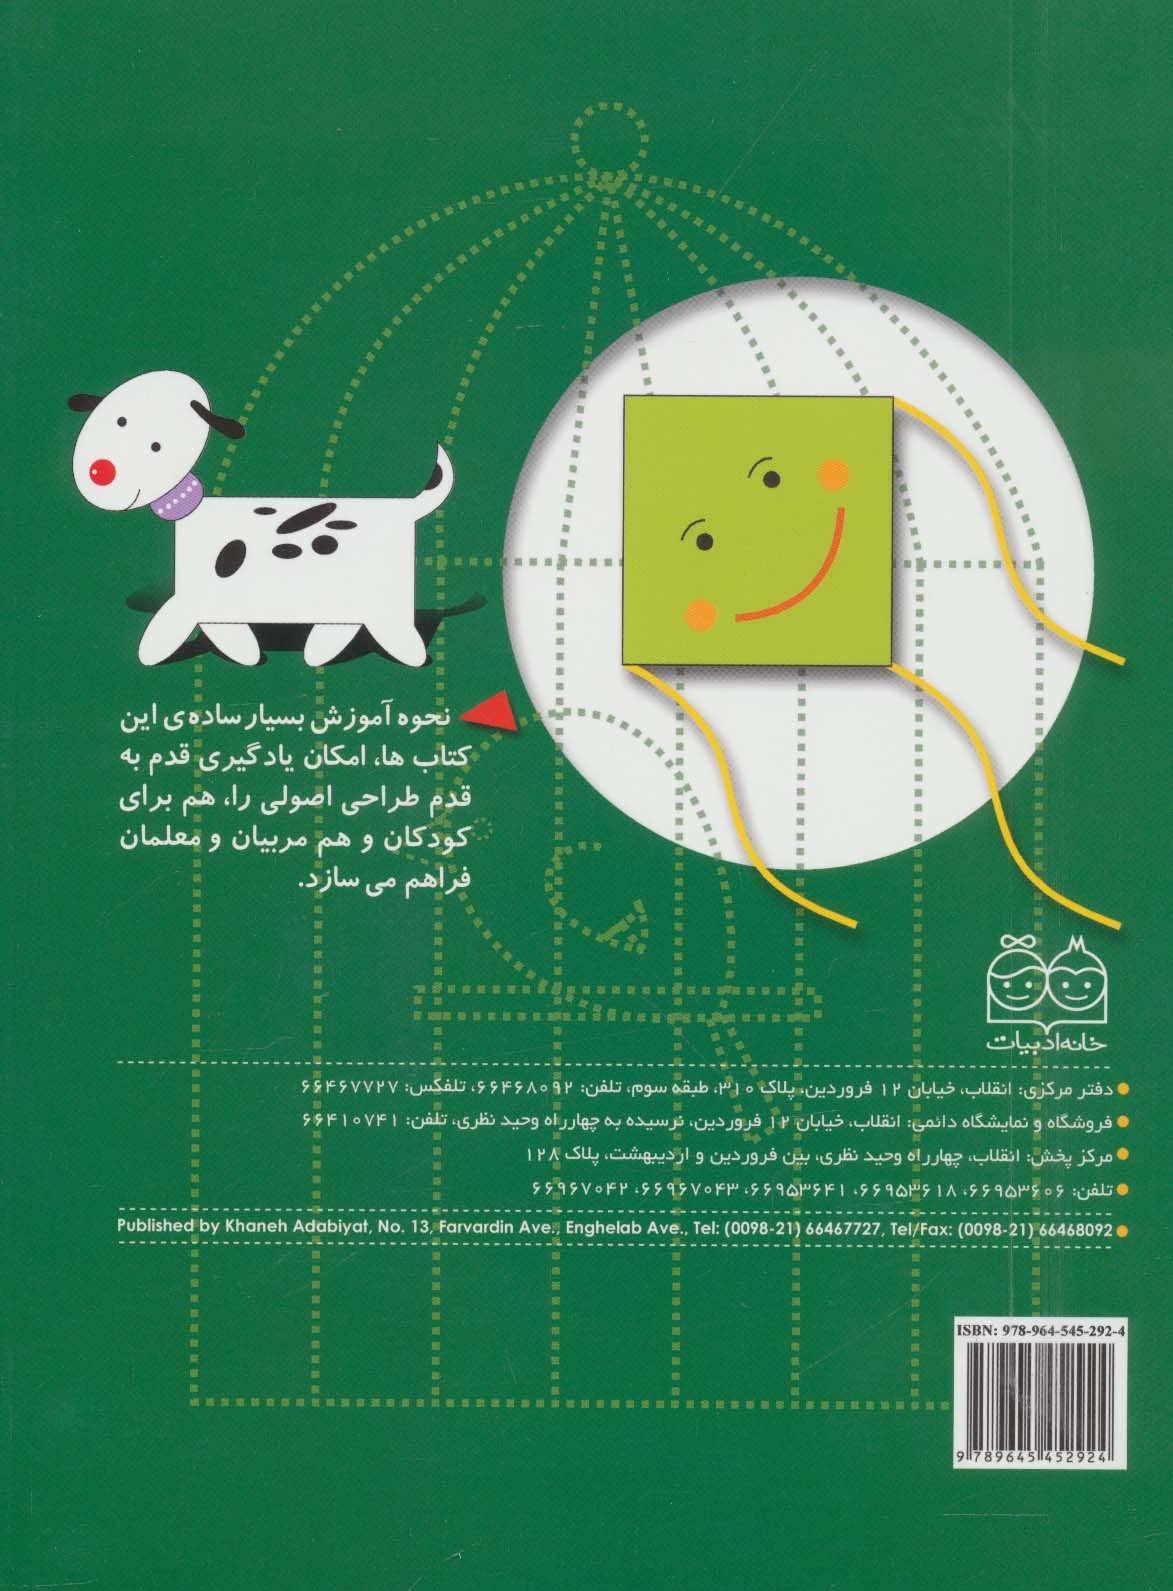 طراحی آسان 1 (بازی با شکل ها،شکل های ساده با دایره،مربع،مثلث،مستطیل)